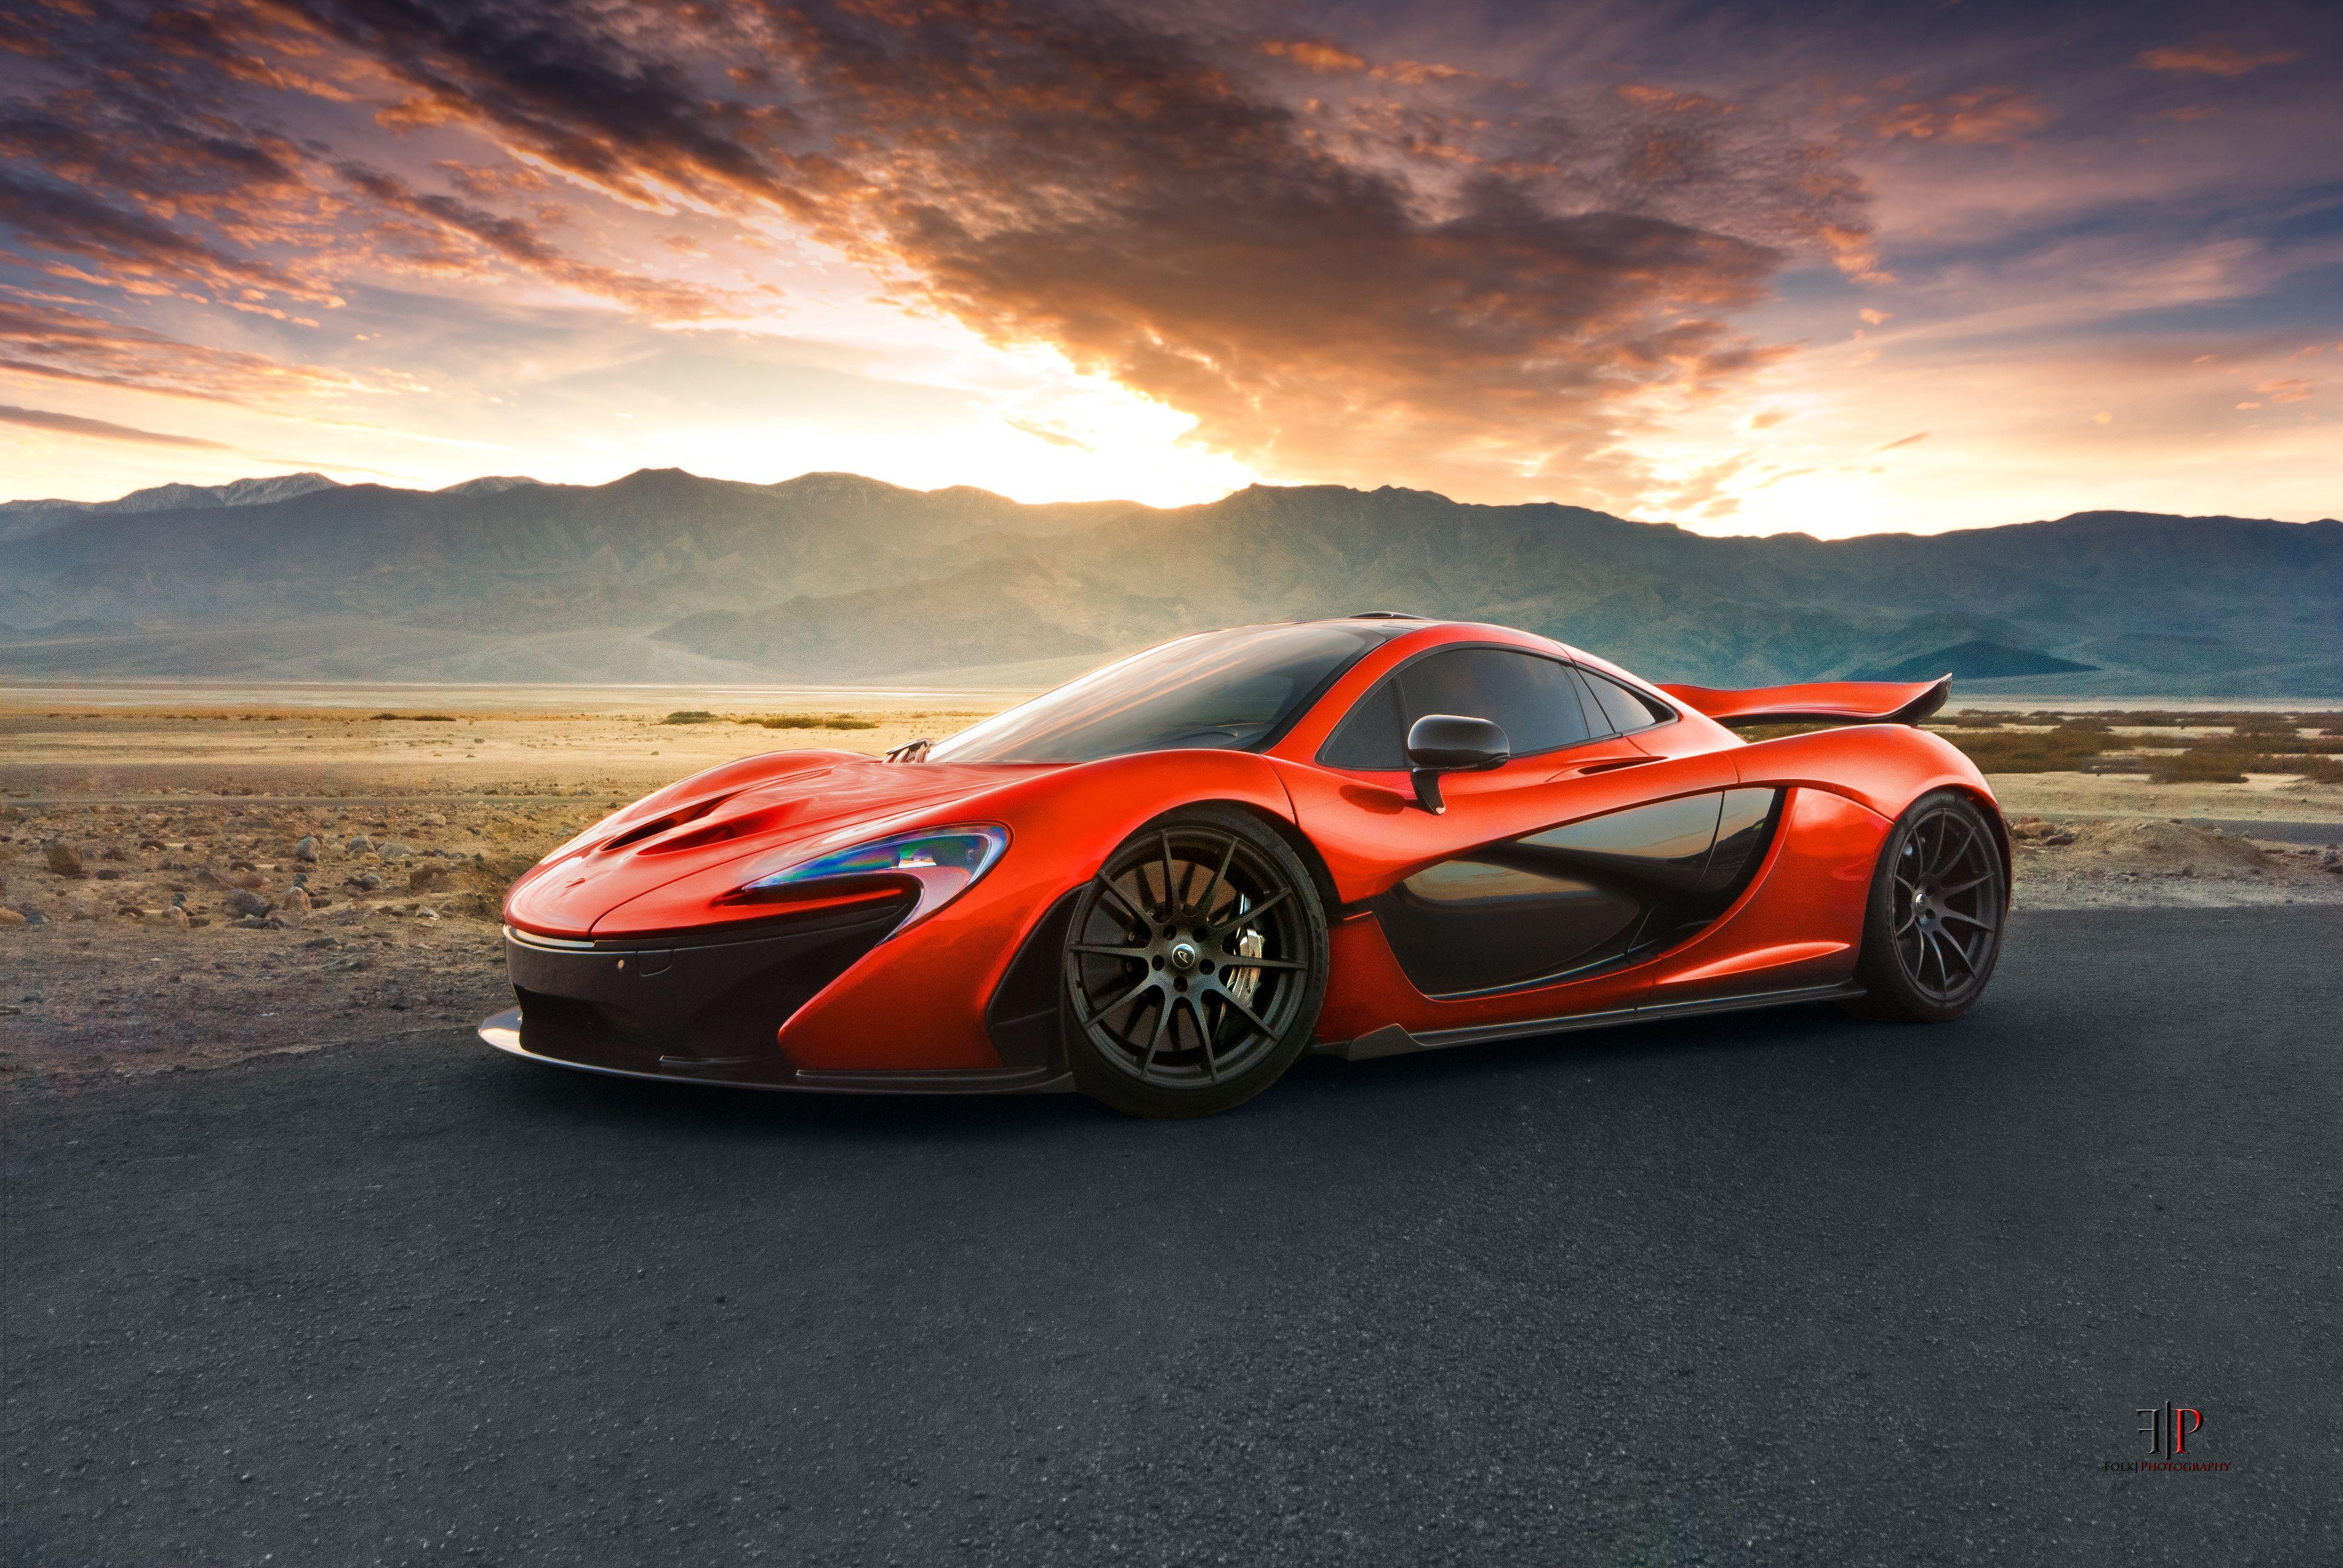 4K McLaren P1 Wallpapers - Top Free 4K McLaren P1 ...